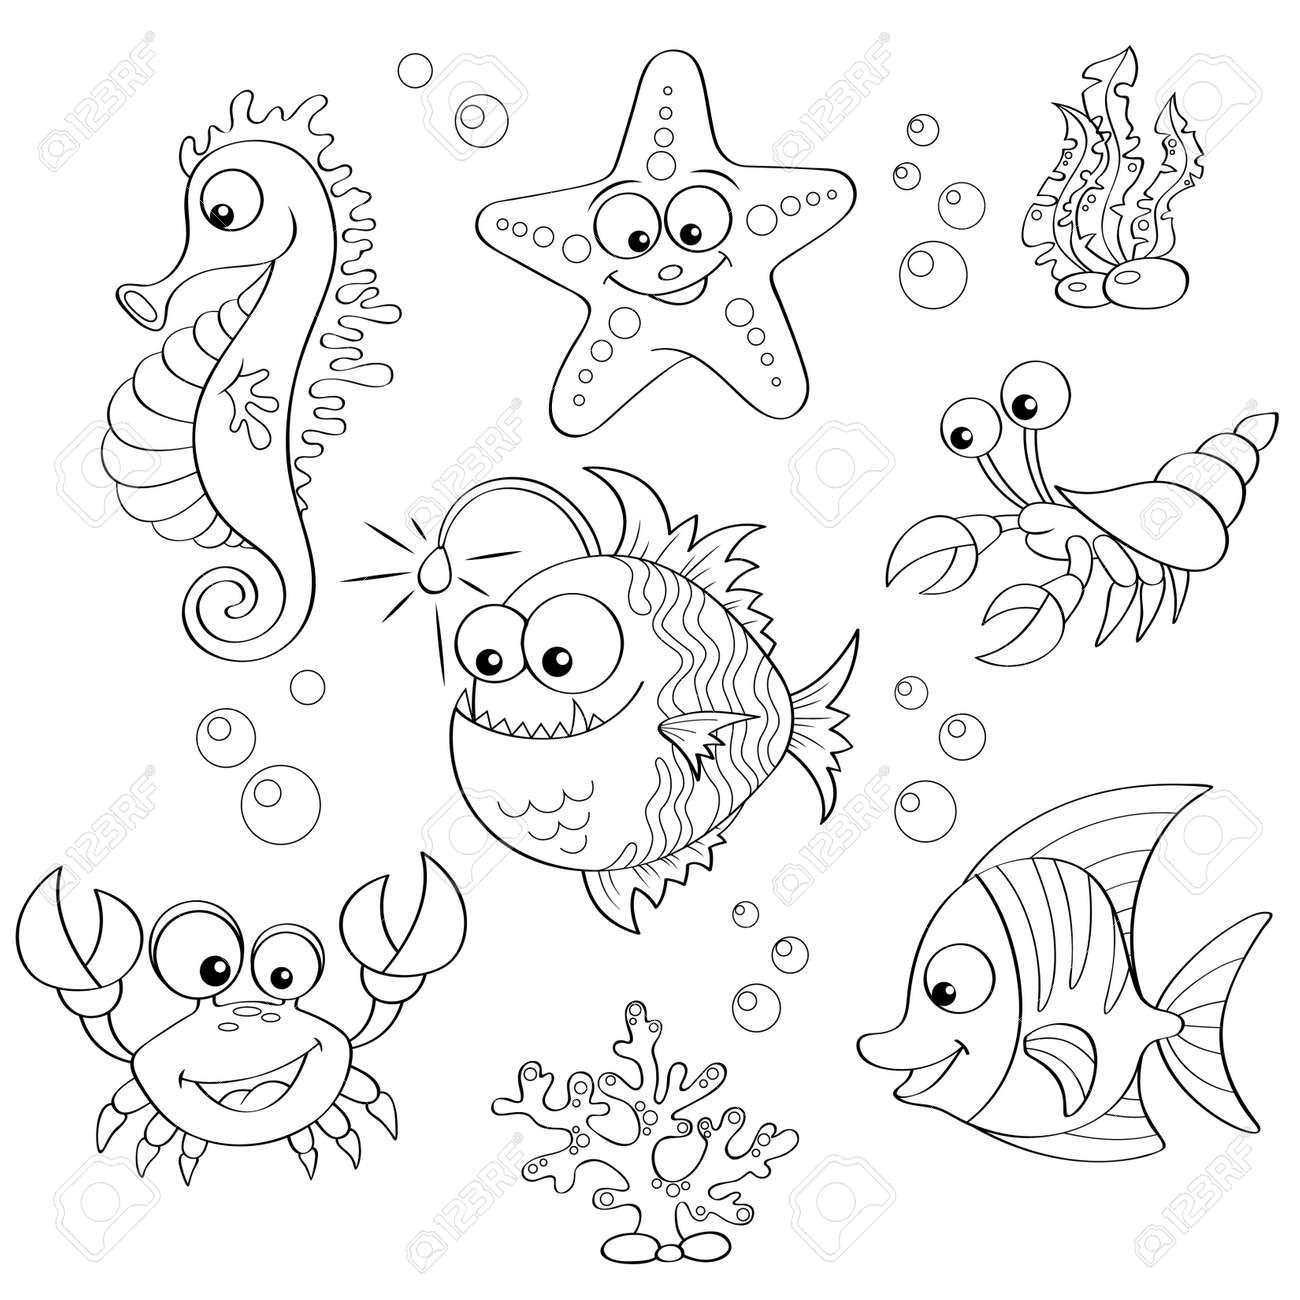 かわいい漫画の海の動物のセットです塗り絵の黒と白のイラストの